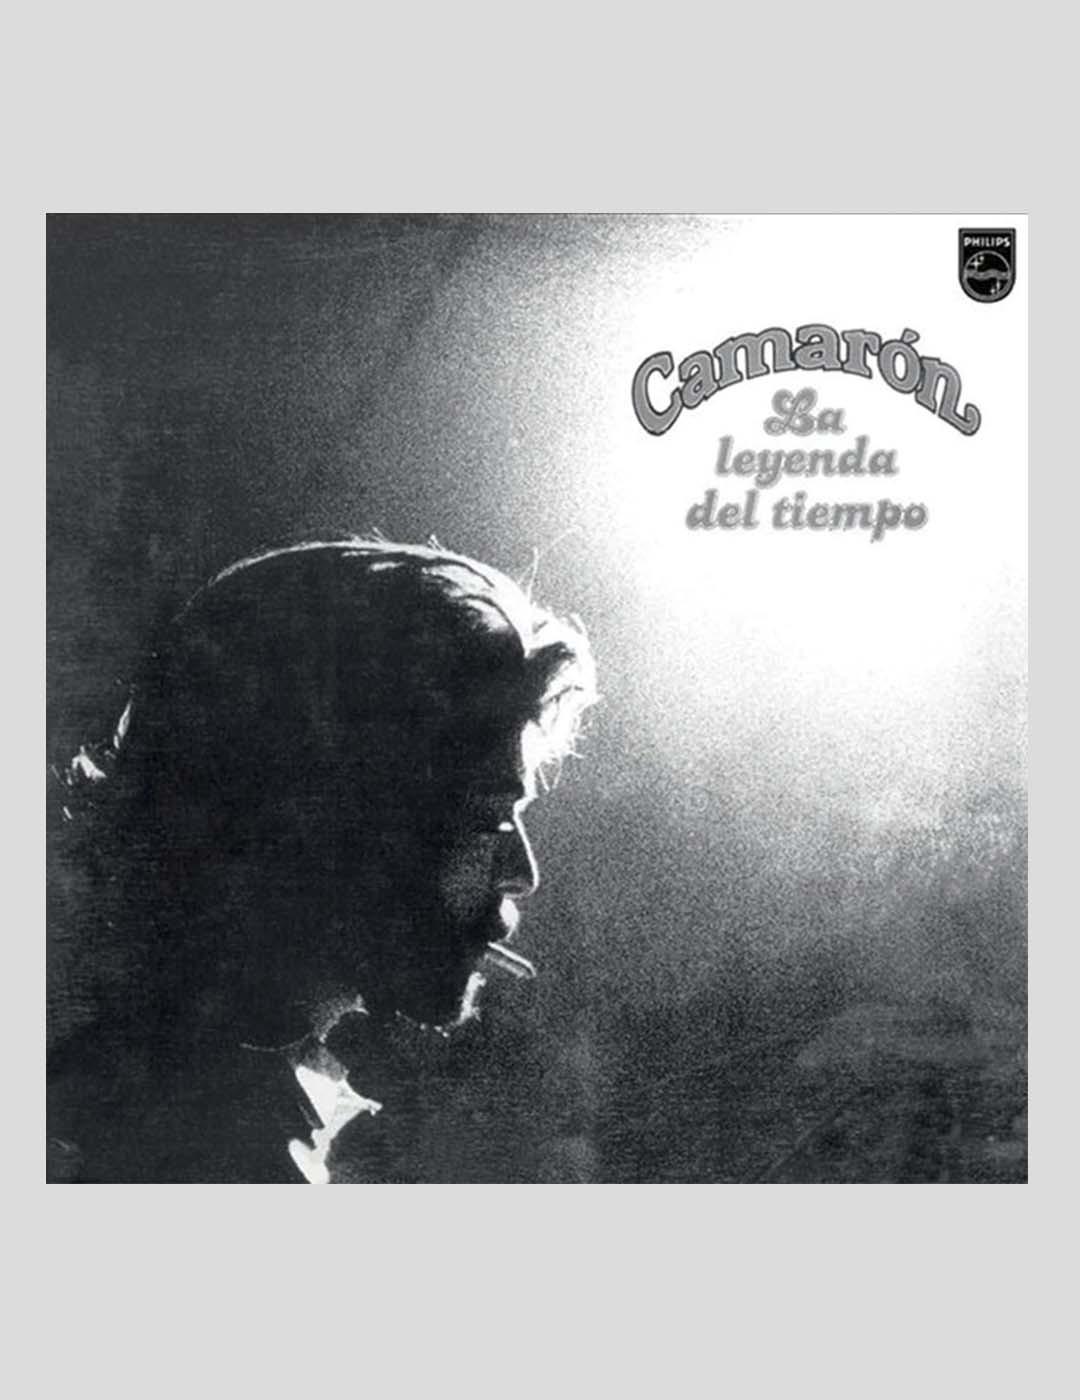 VINILO CAMARÓN - LA LEYENDA DEL TIEMPO LP VINYL